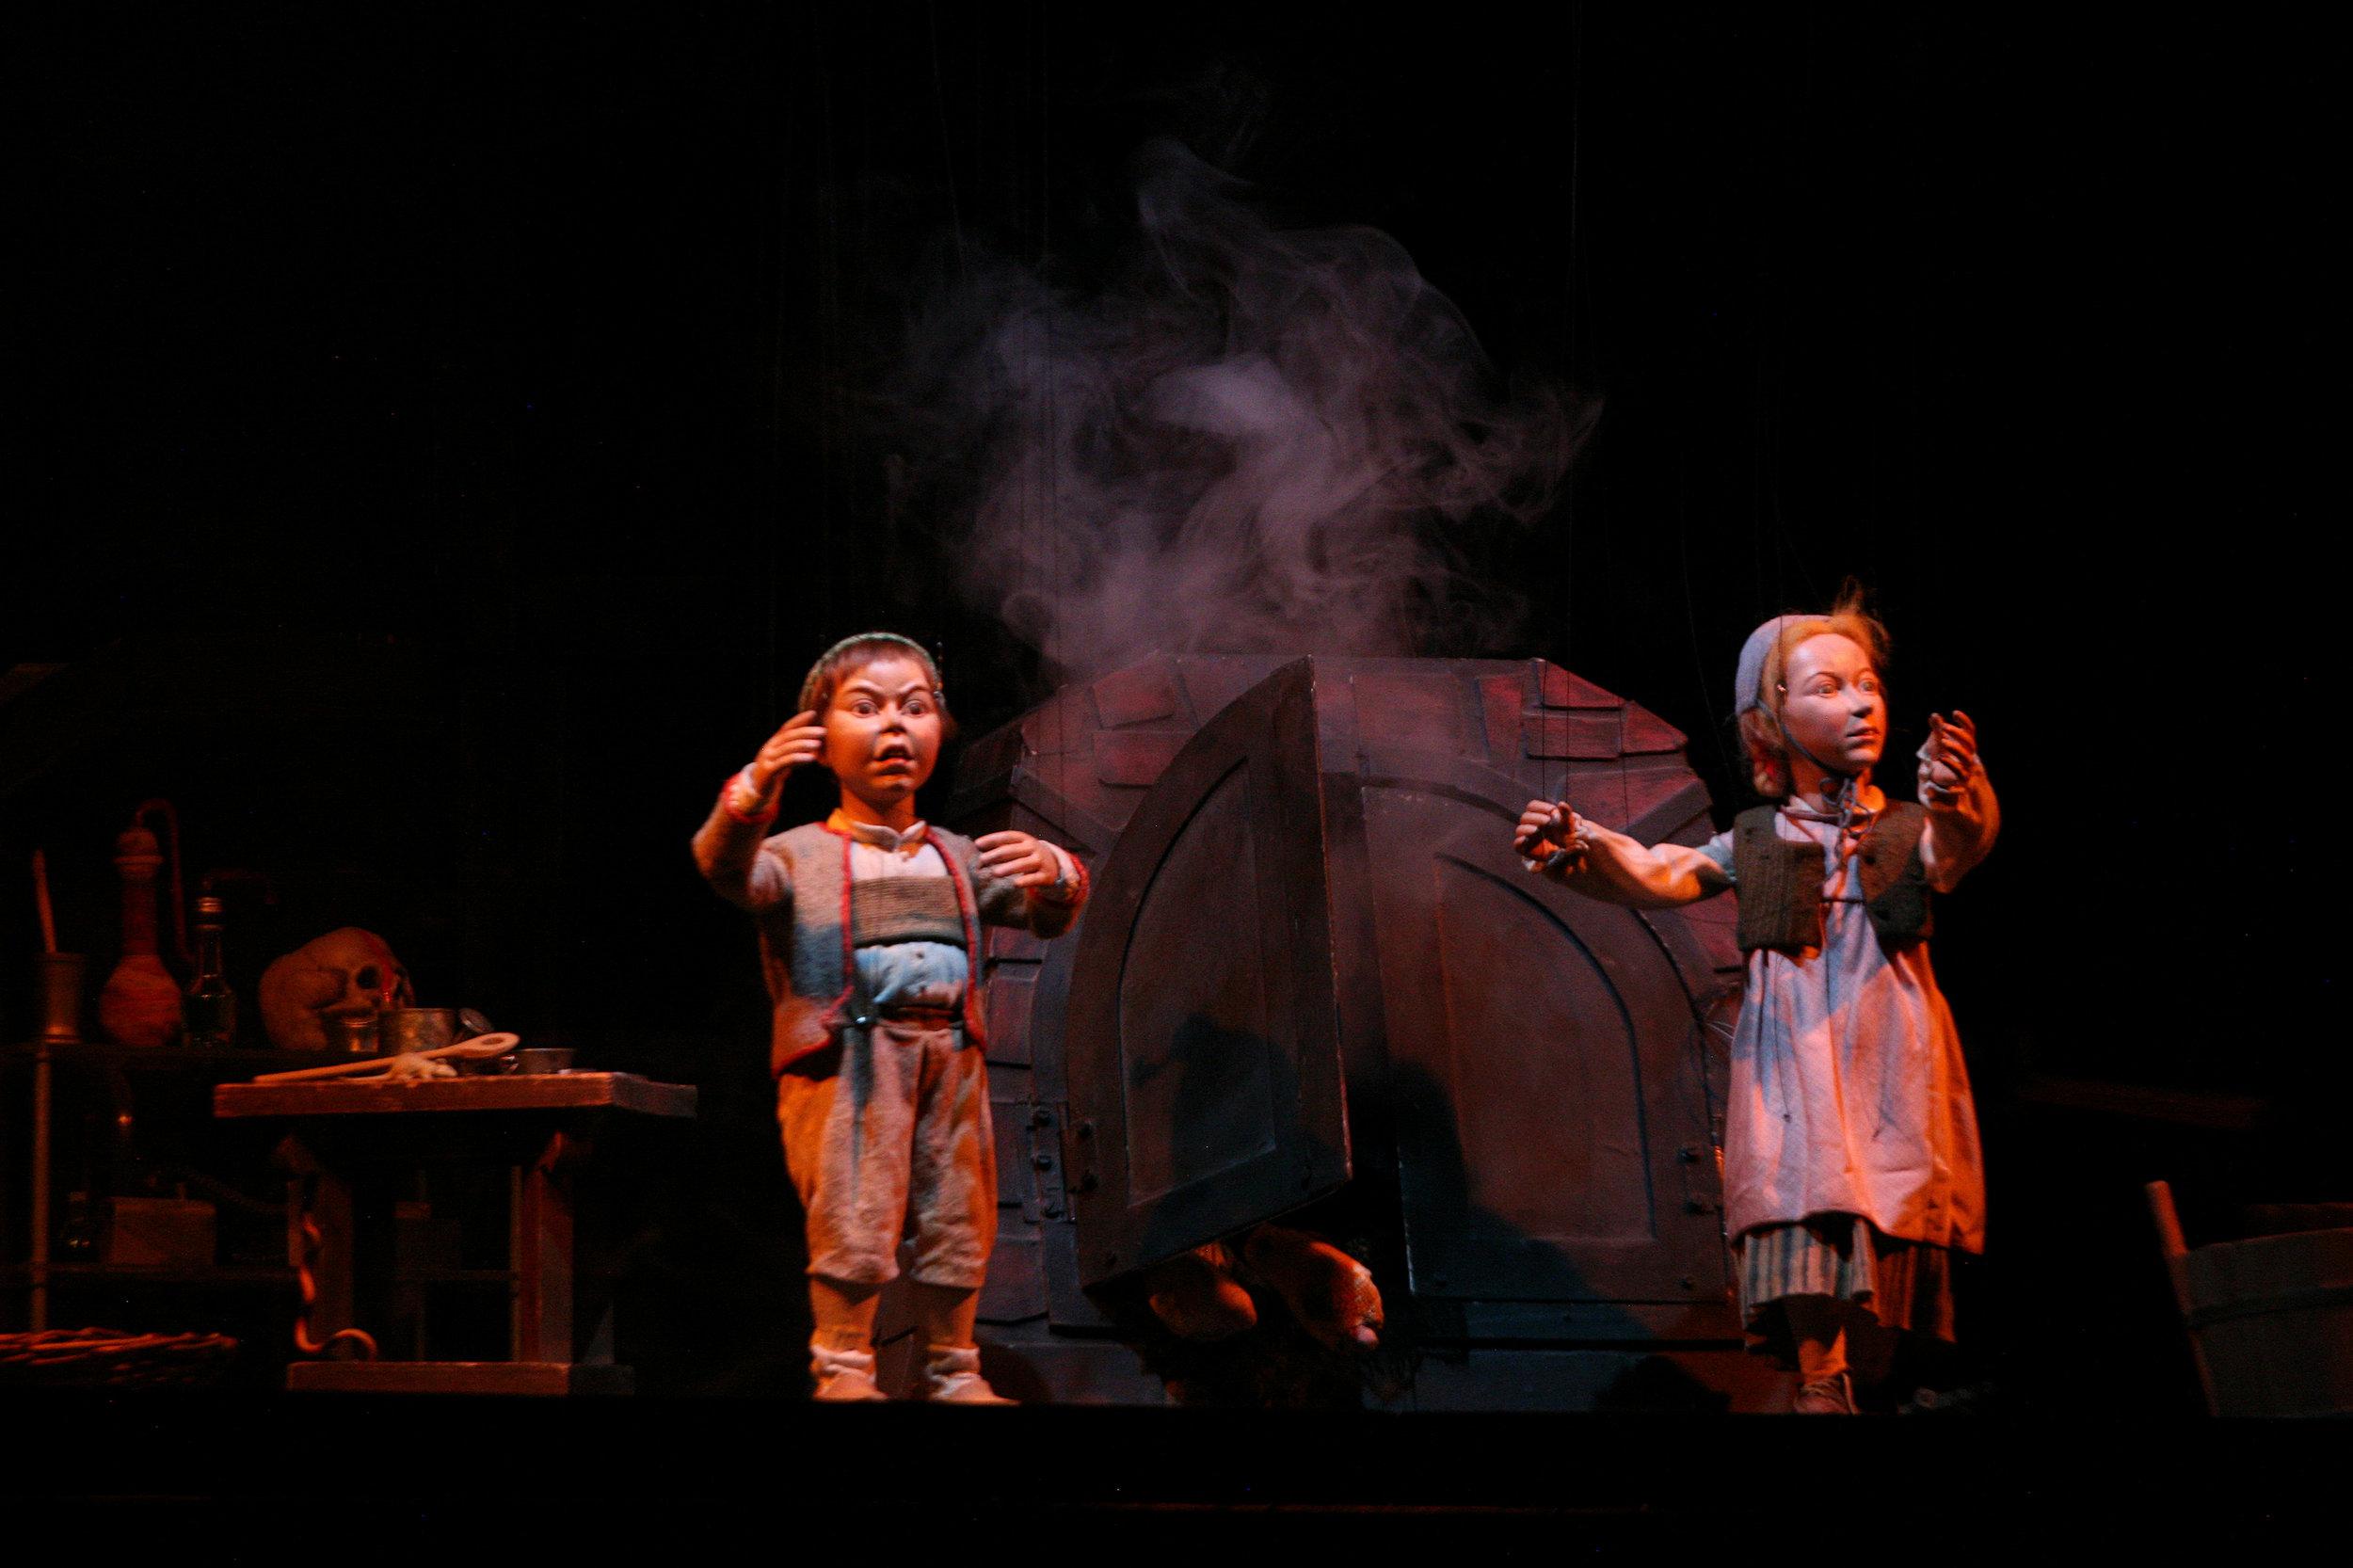 Hansel y Gretel le han ganado a la Bruja. Dejándola encerrada en el horno.